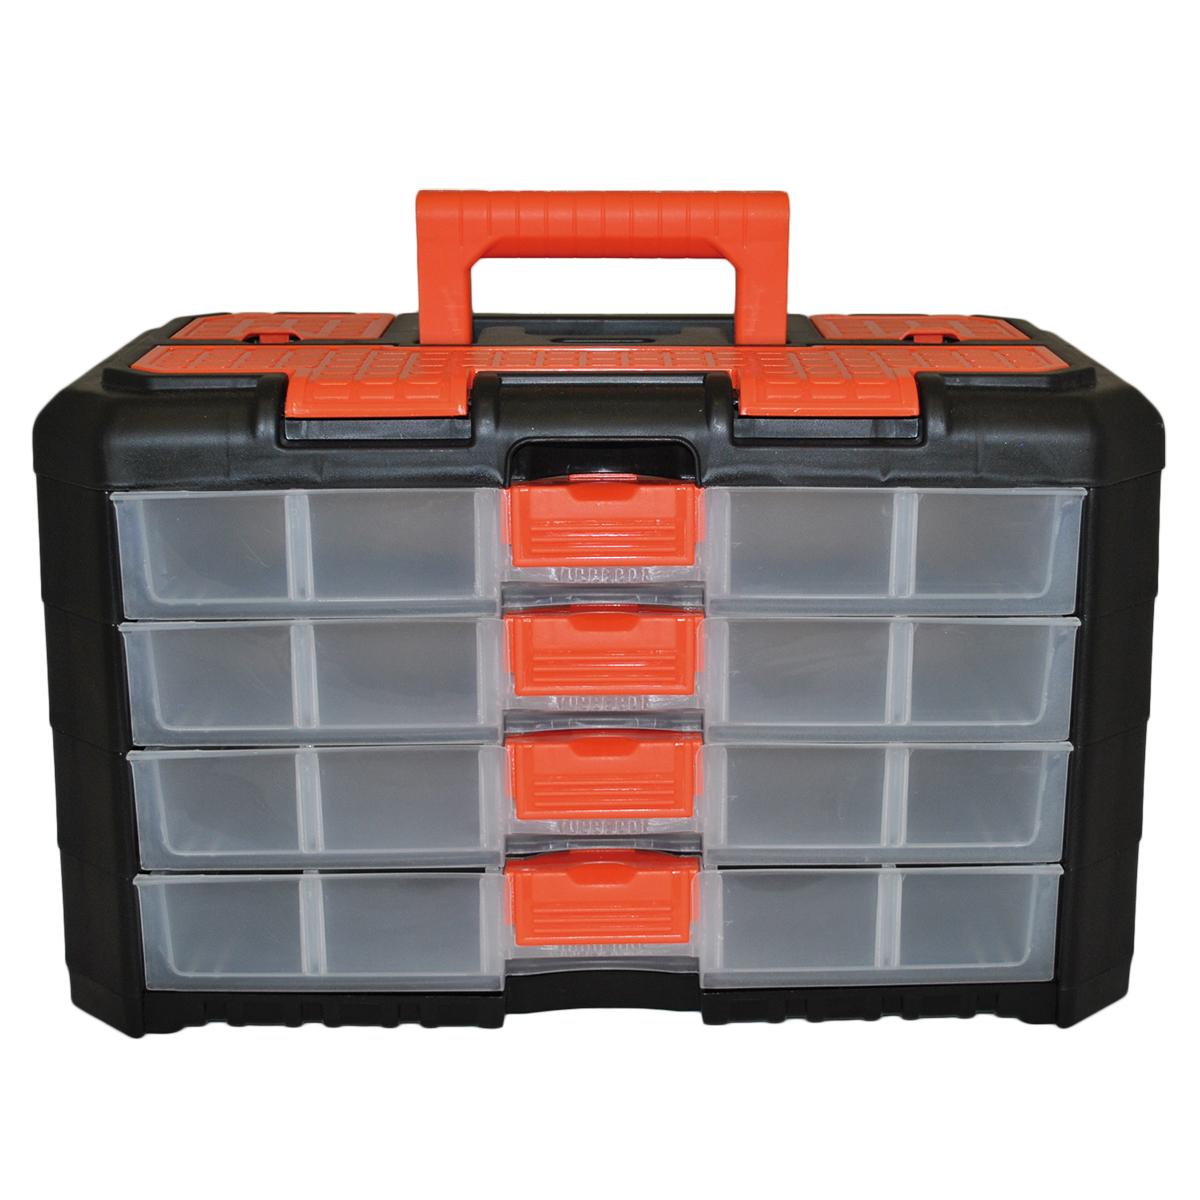 Органайзер для мелочей Blocker Grand, цвет: черный, оранжевый, 400 х 219 х 247 мм98298123_черныйУниверсальный сет для мелочей Blocker Grand с ручкой для переноски выполнен из высококачественного полипропилена. Секции фиксируются замками, которые надежно защищают от случайного открывания. Внутри секции разделены съемными перегородками, что позволяет организовать внутреннее пространство в зависимости от потребностей и делает сет пригодным для хранения не только мелочей, но и предметов средней величины. Встроенные секции на крышке подходят для хранения скобяных изделий.